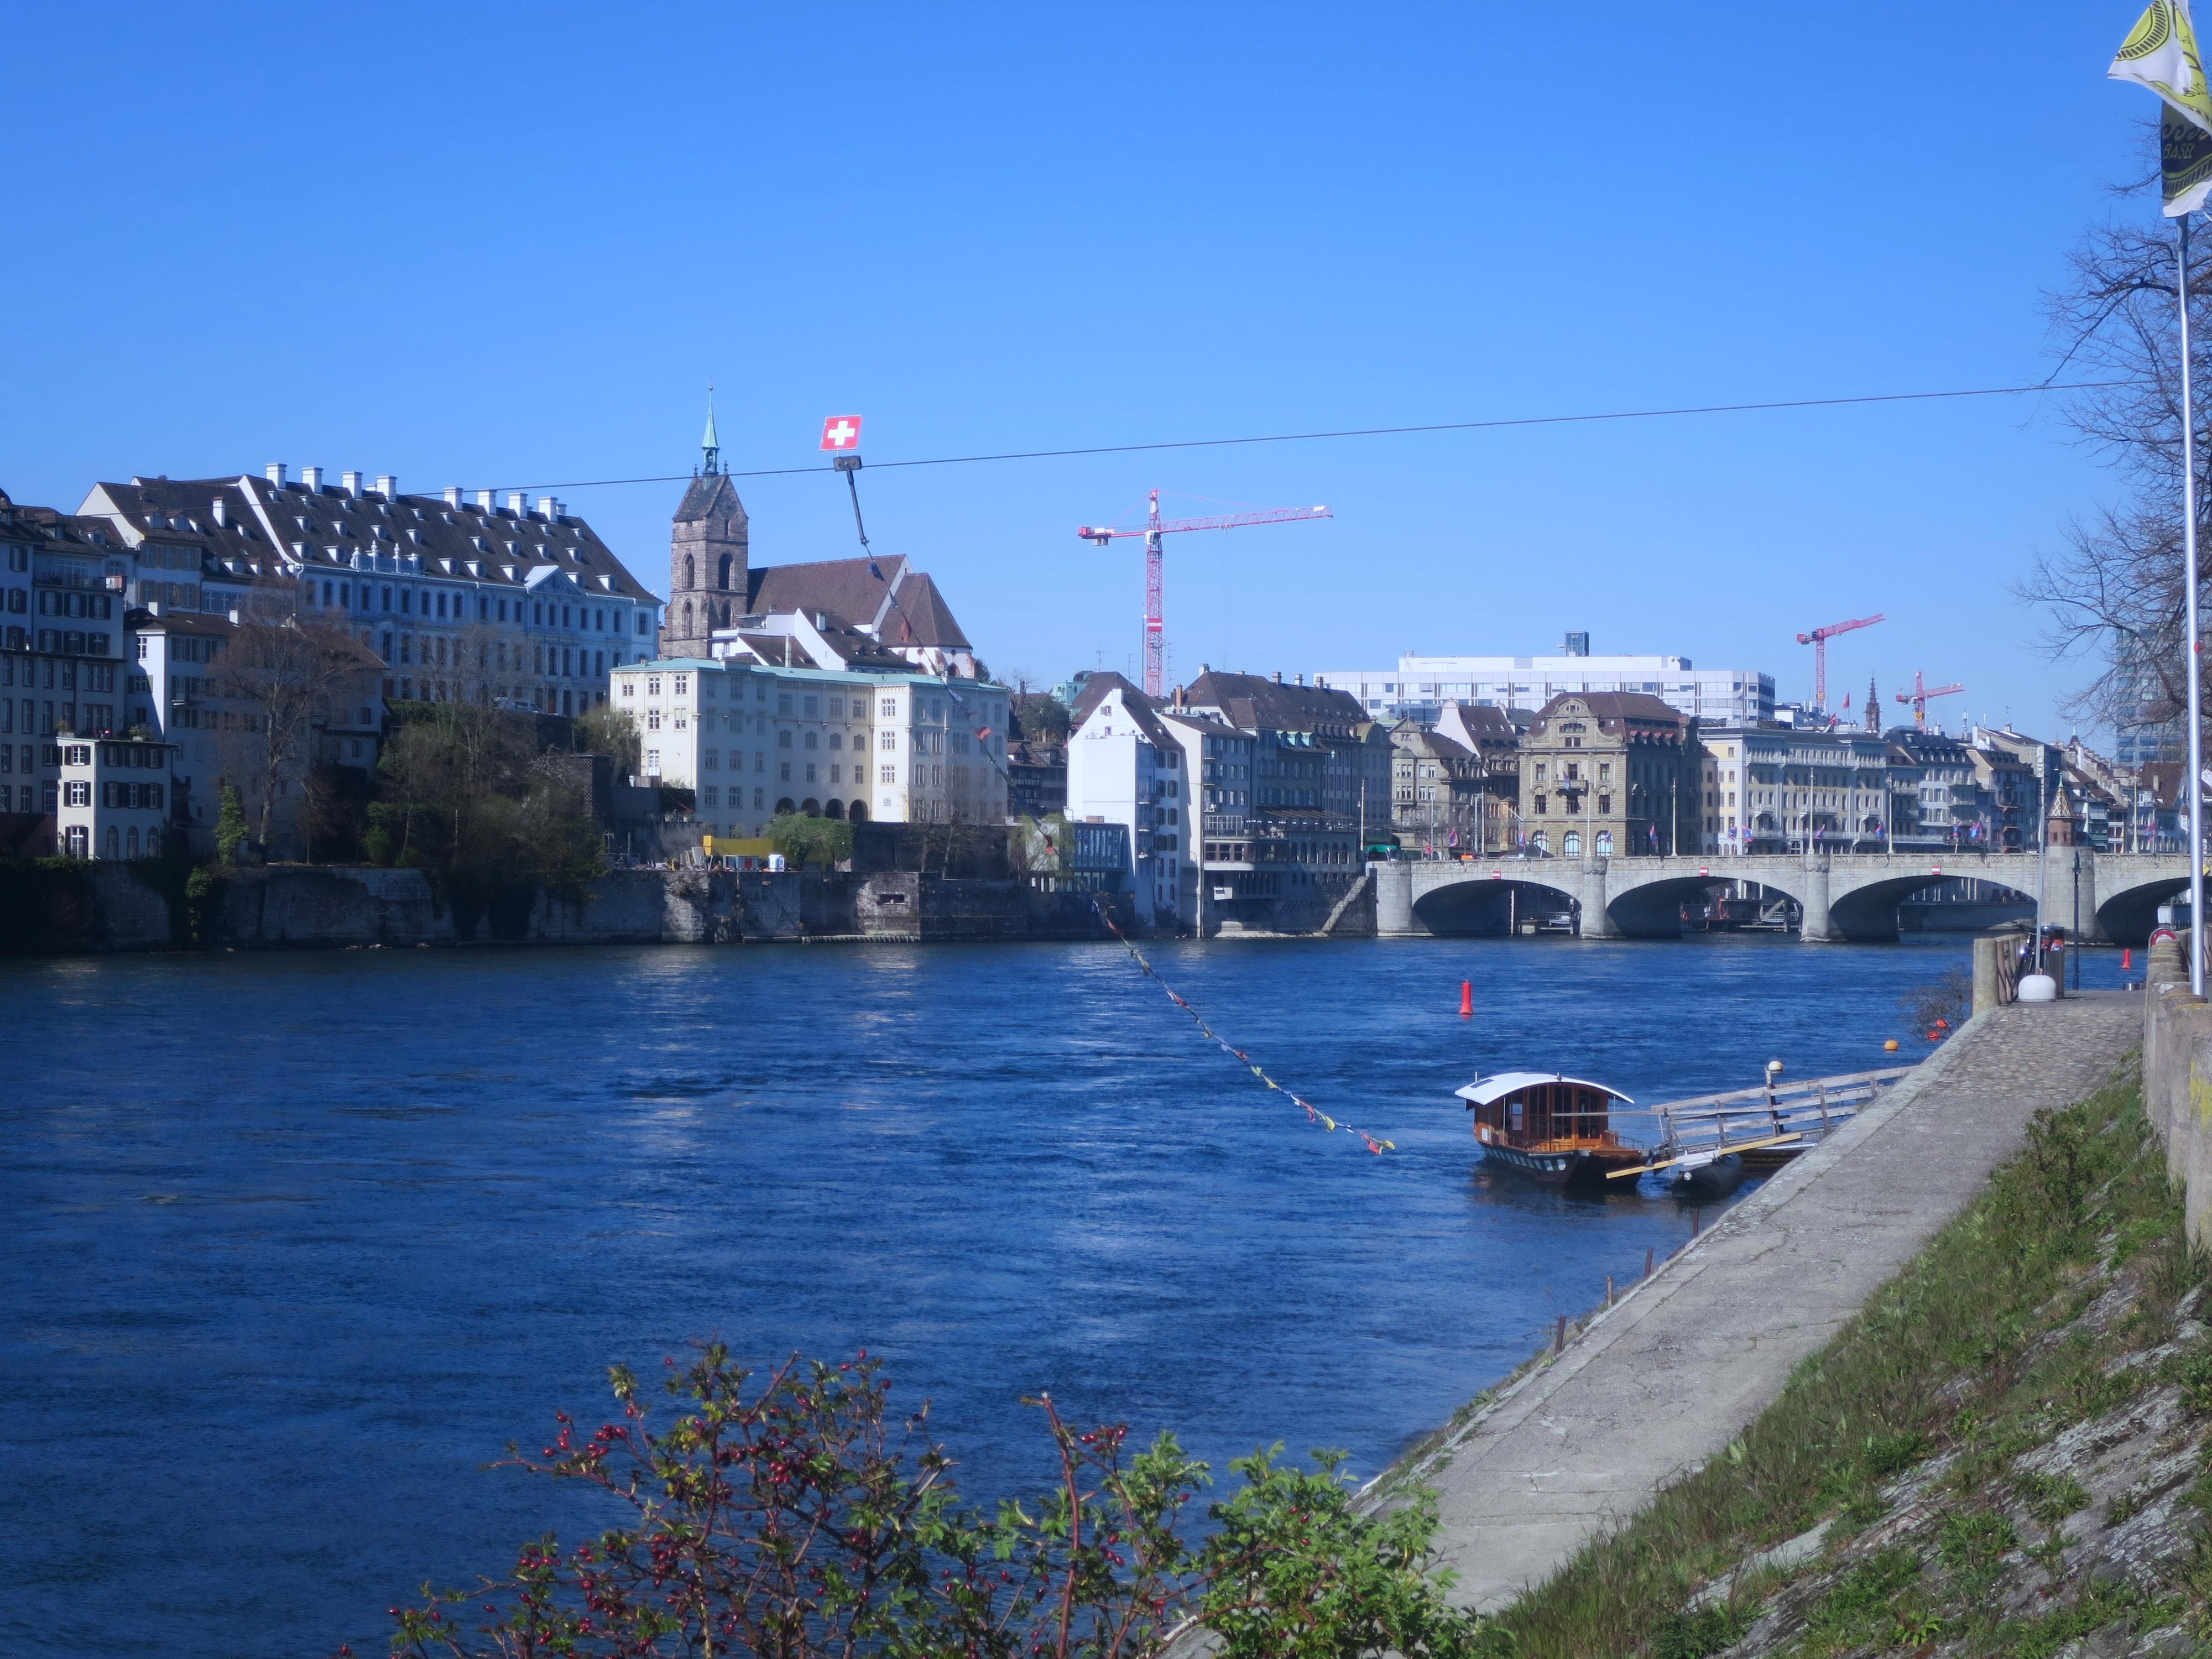 Mit der Fähre über den Rhein gondeln